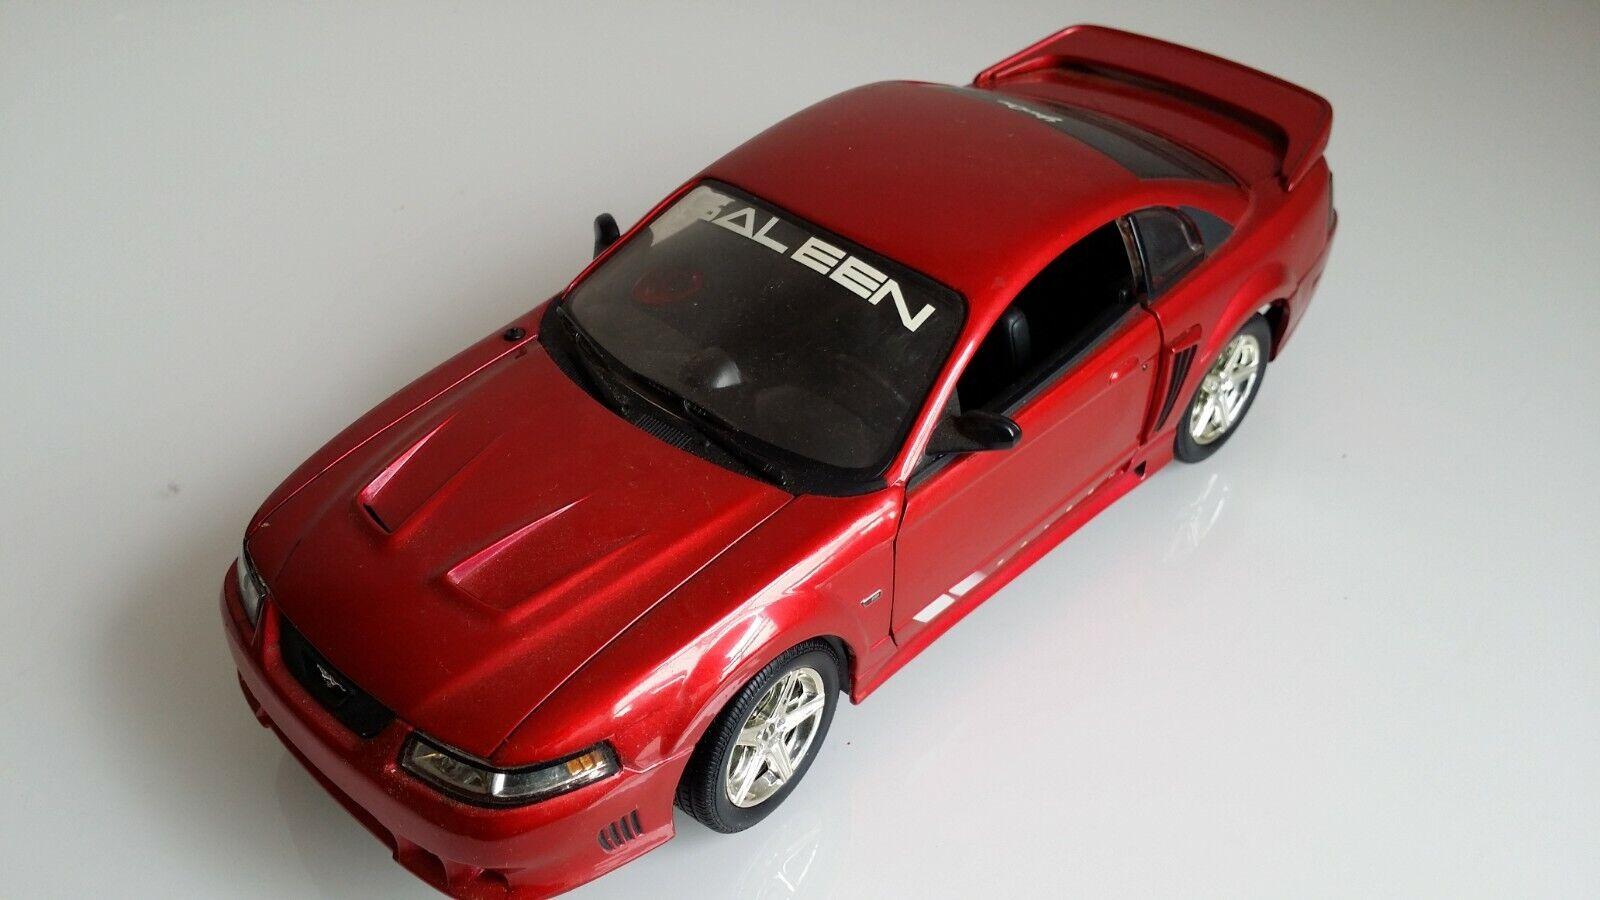 Ertl 2 Fast 2 Furious Saleen S281 Speedster Ford Mustang  1 18 Rare  économiser jusqu'à 80%